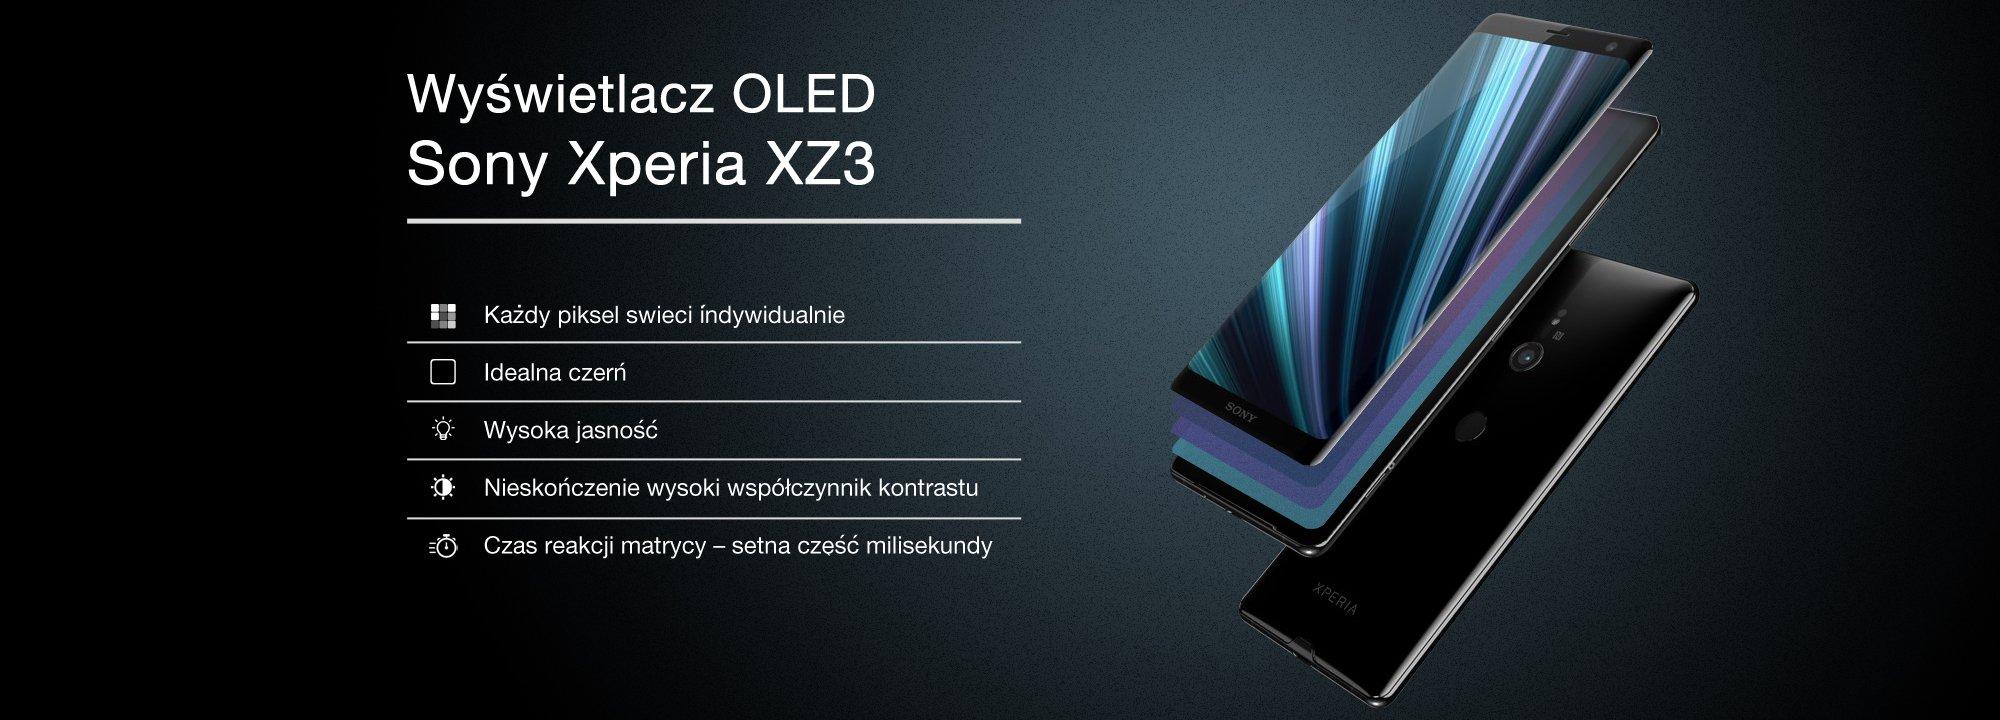 Wyświetlacz OLED HDR w Xperia XZ3